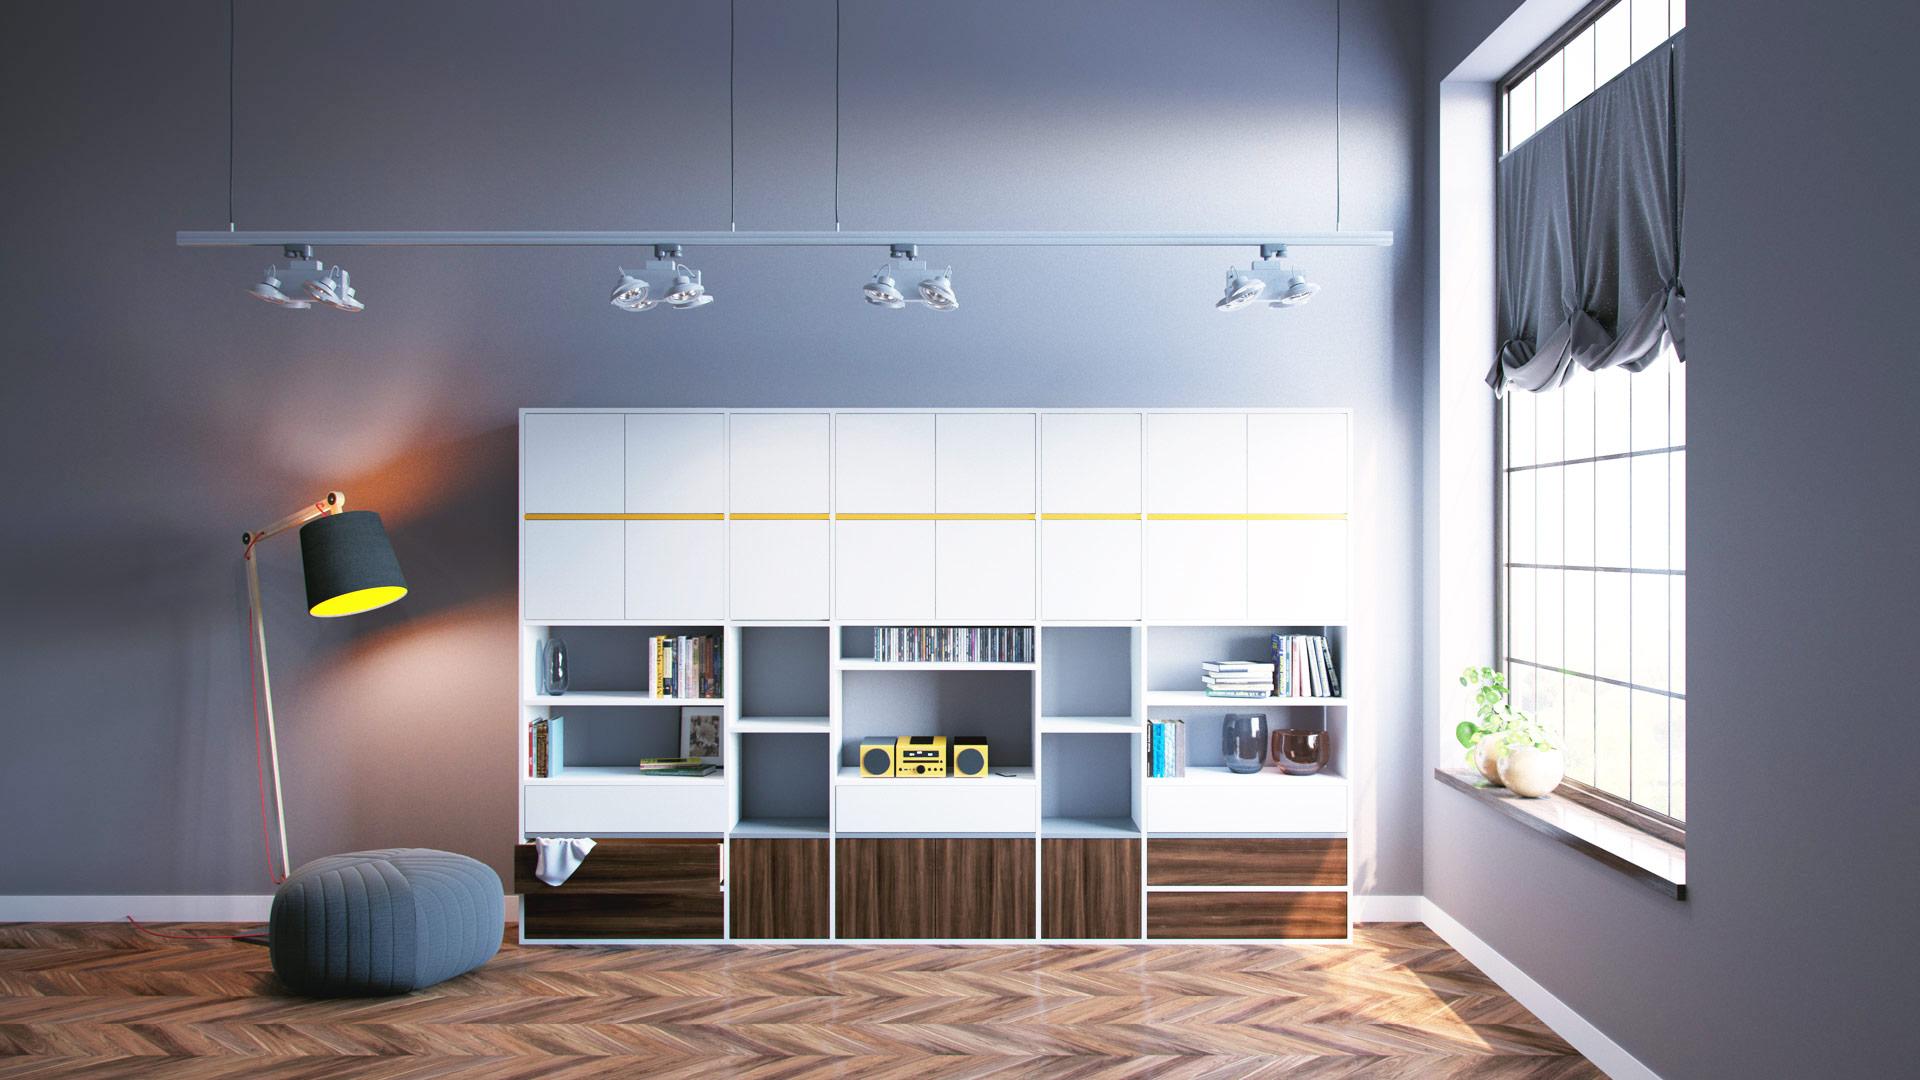 schrankw nde selbst gestalten schrankw nde bei mycs. Black Bedroom Furniture Sets. Home Design Ideas